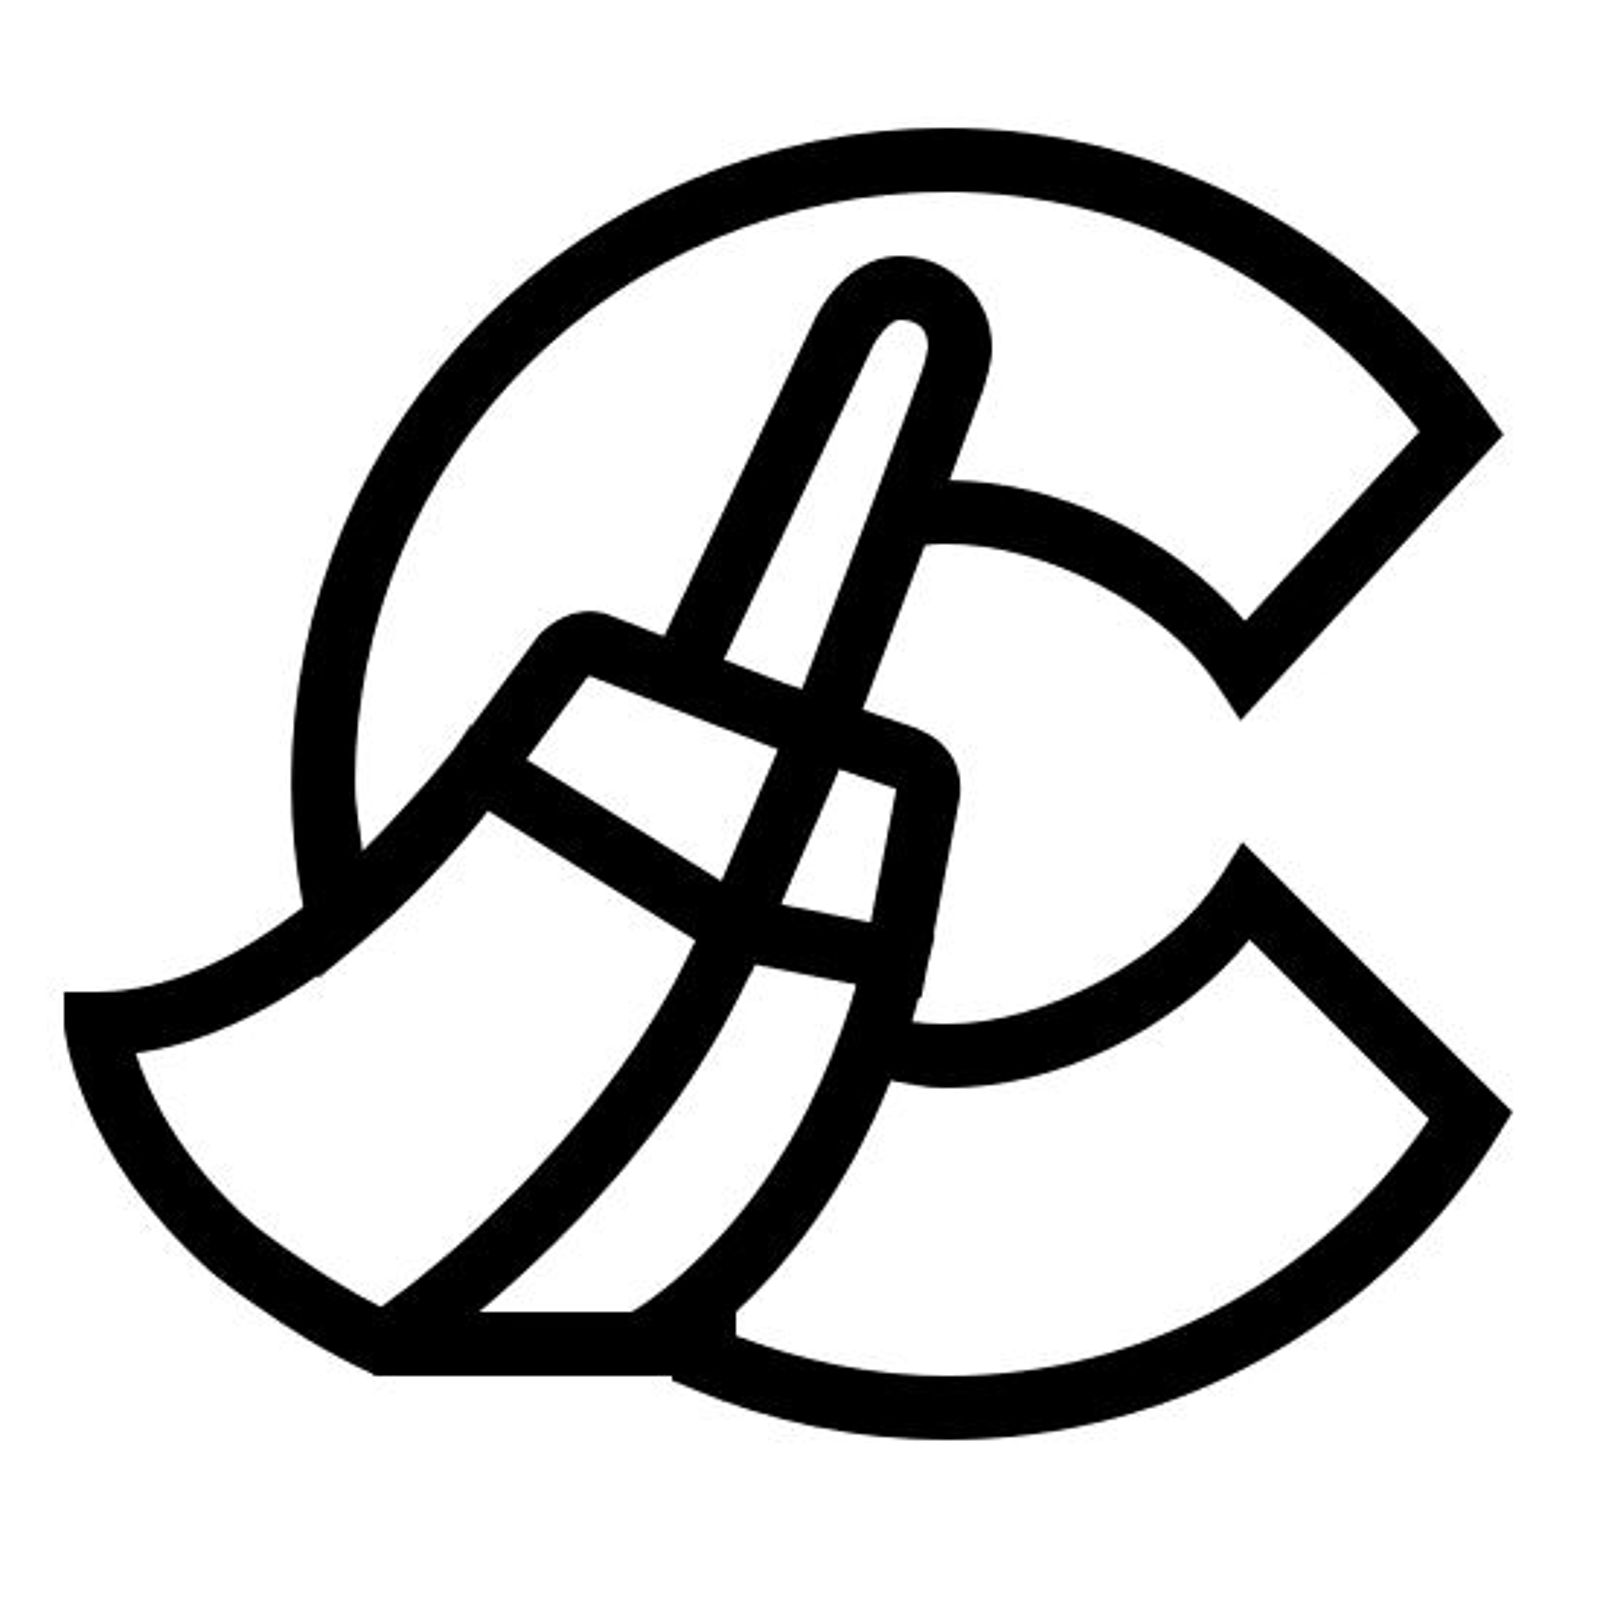 Limpiador C icon